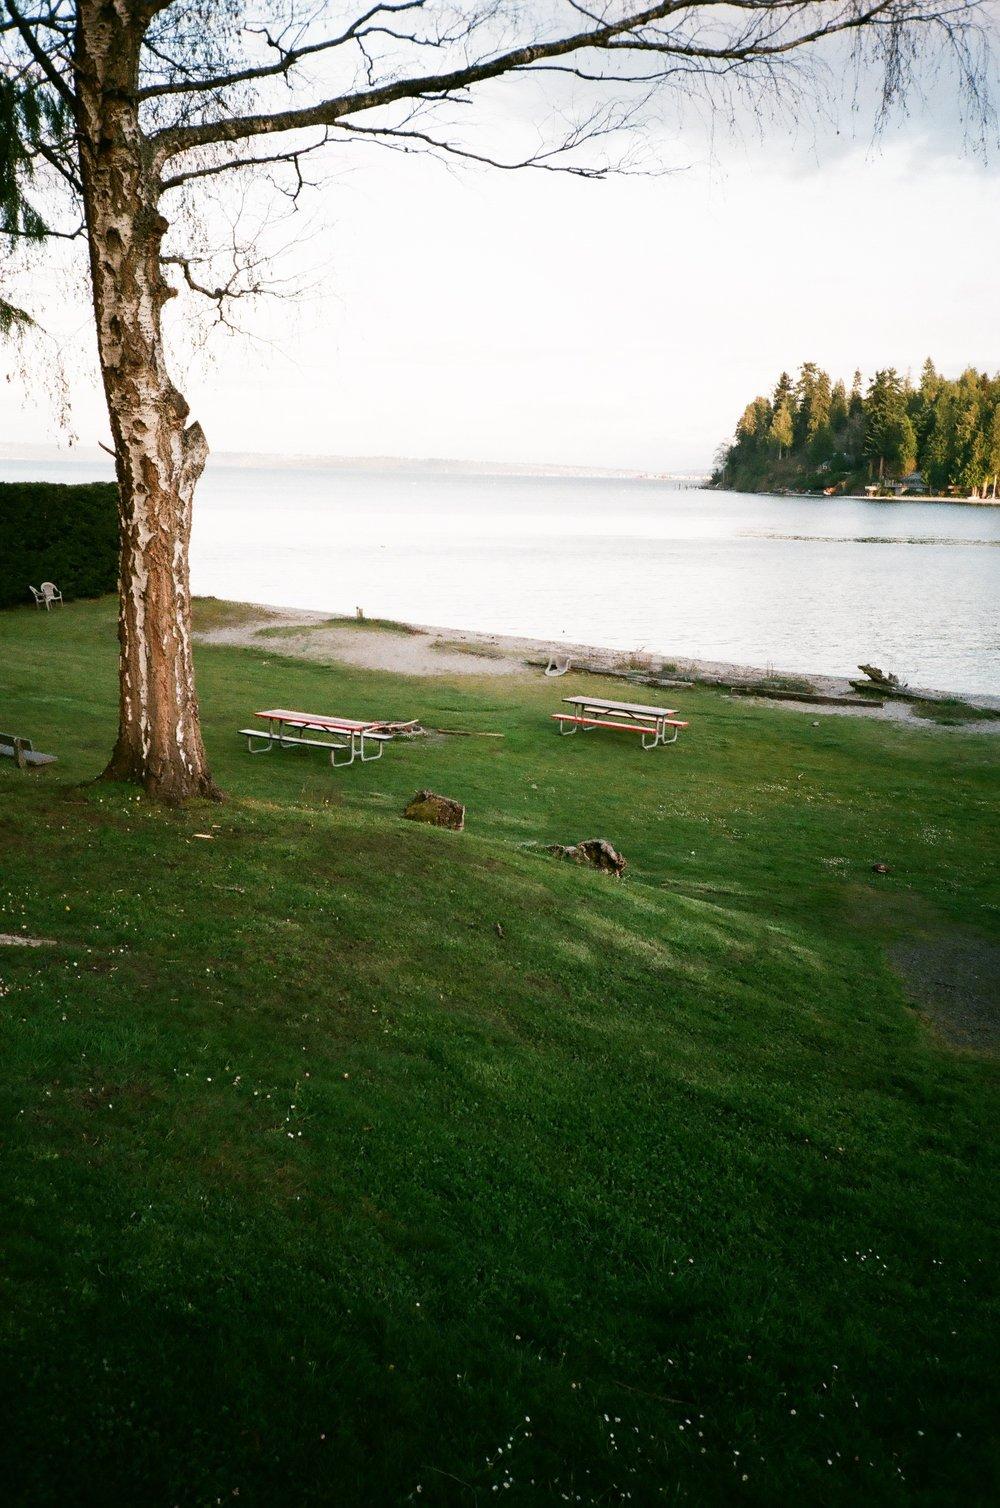 Suquamish, Washington